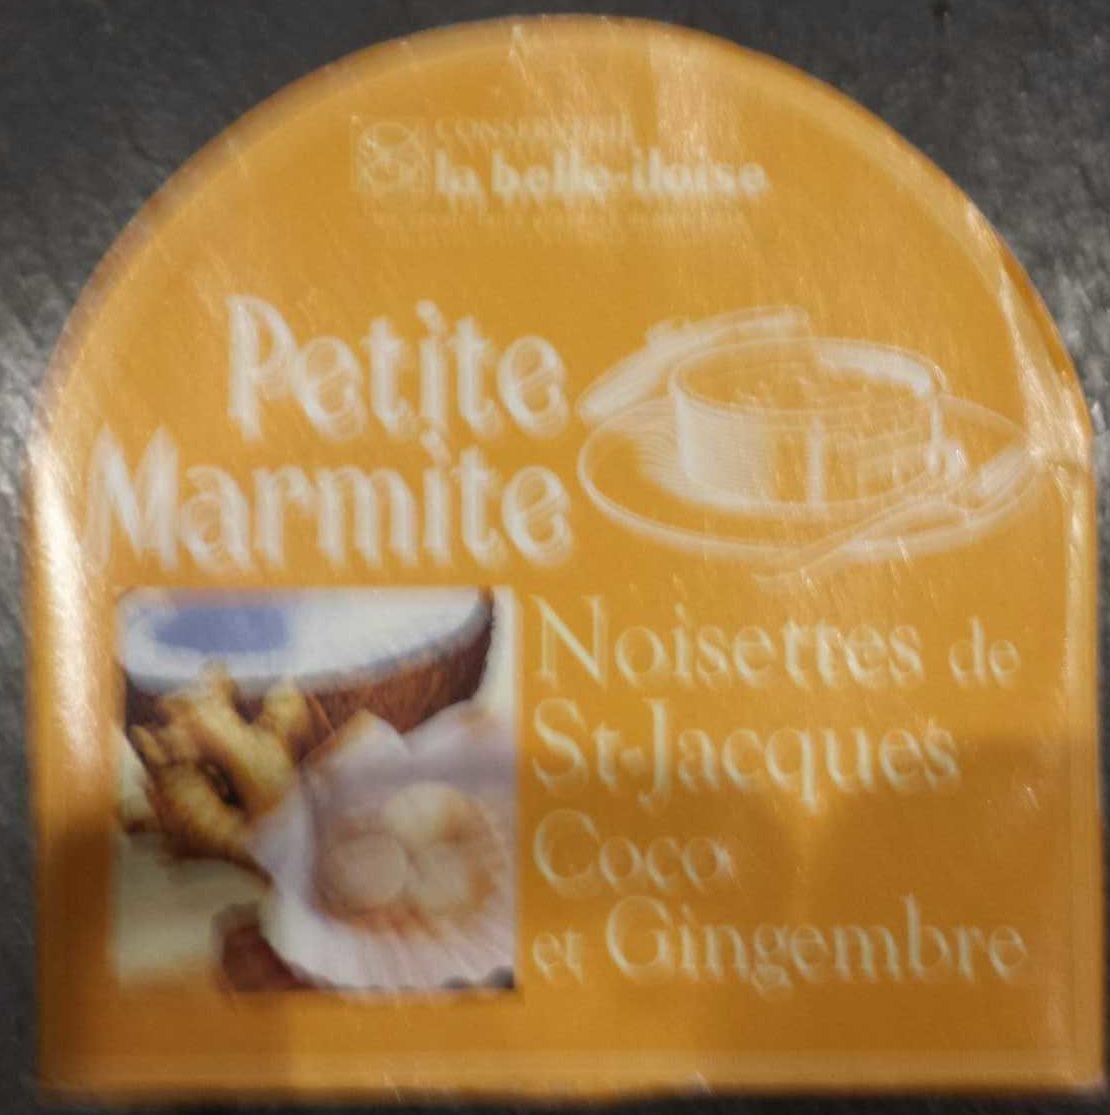 Petite marmite St-Jacques Coco et Gingembre - Produit